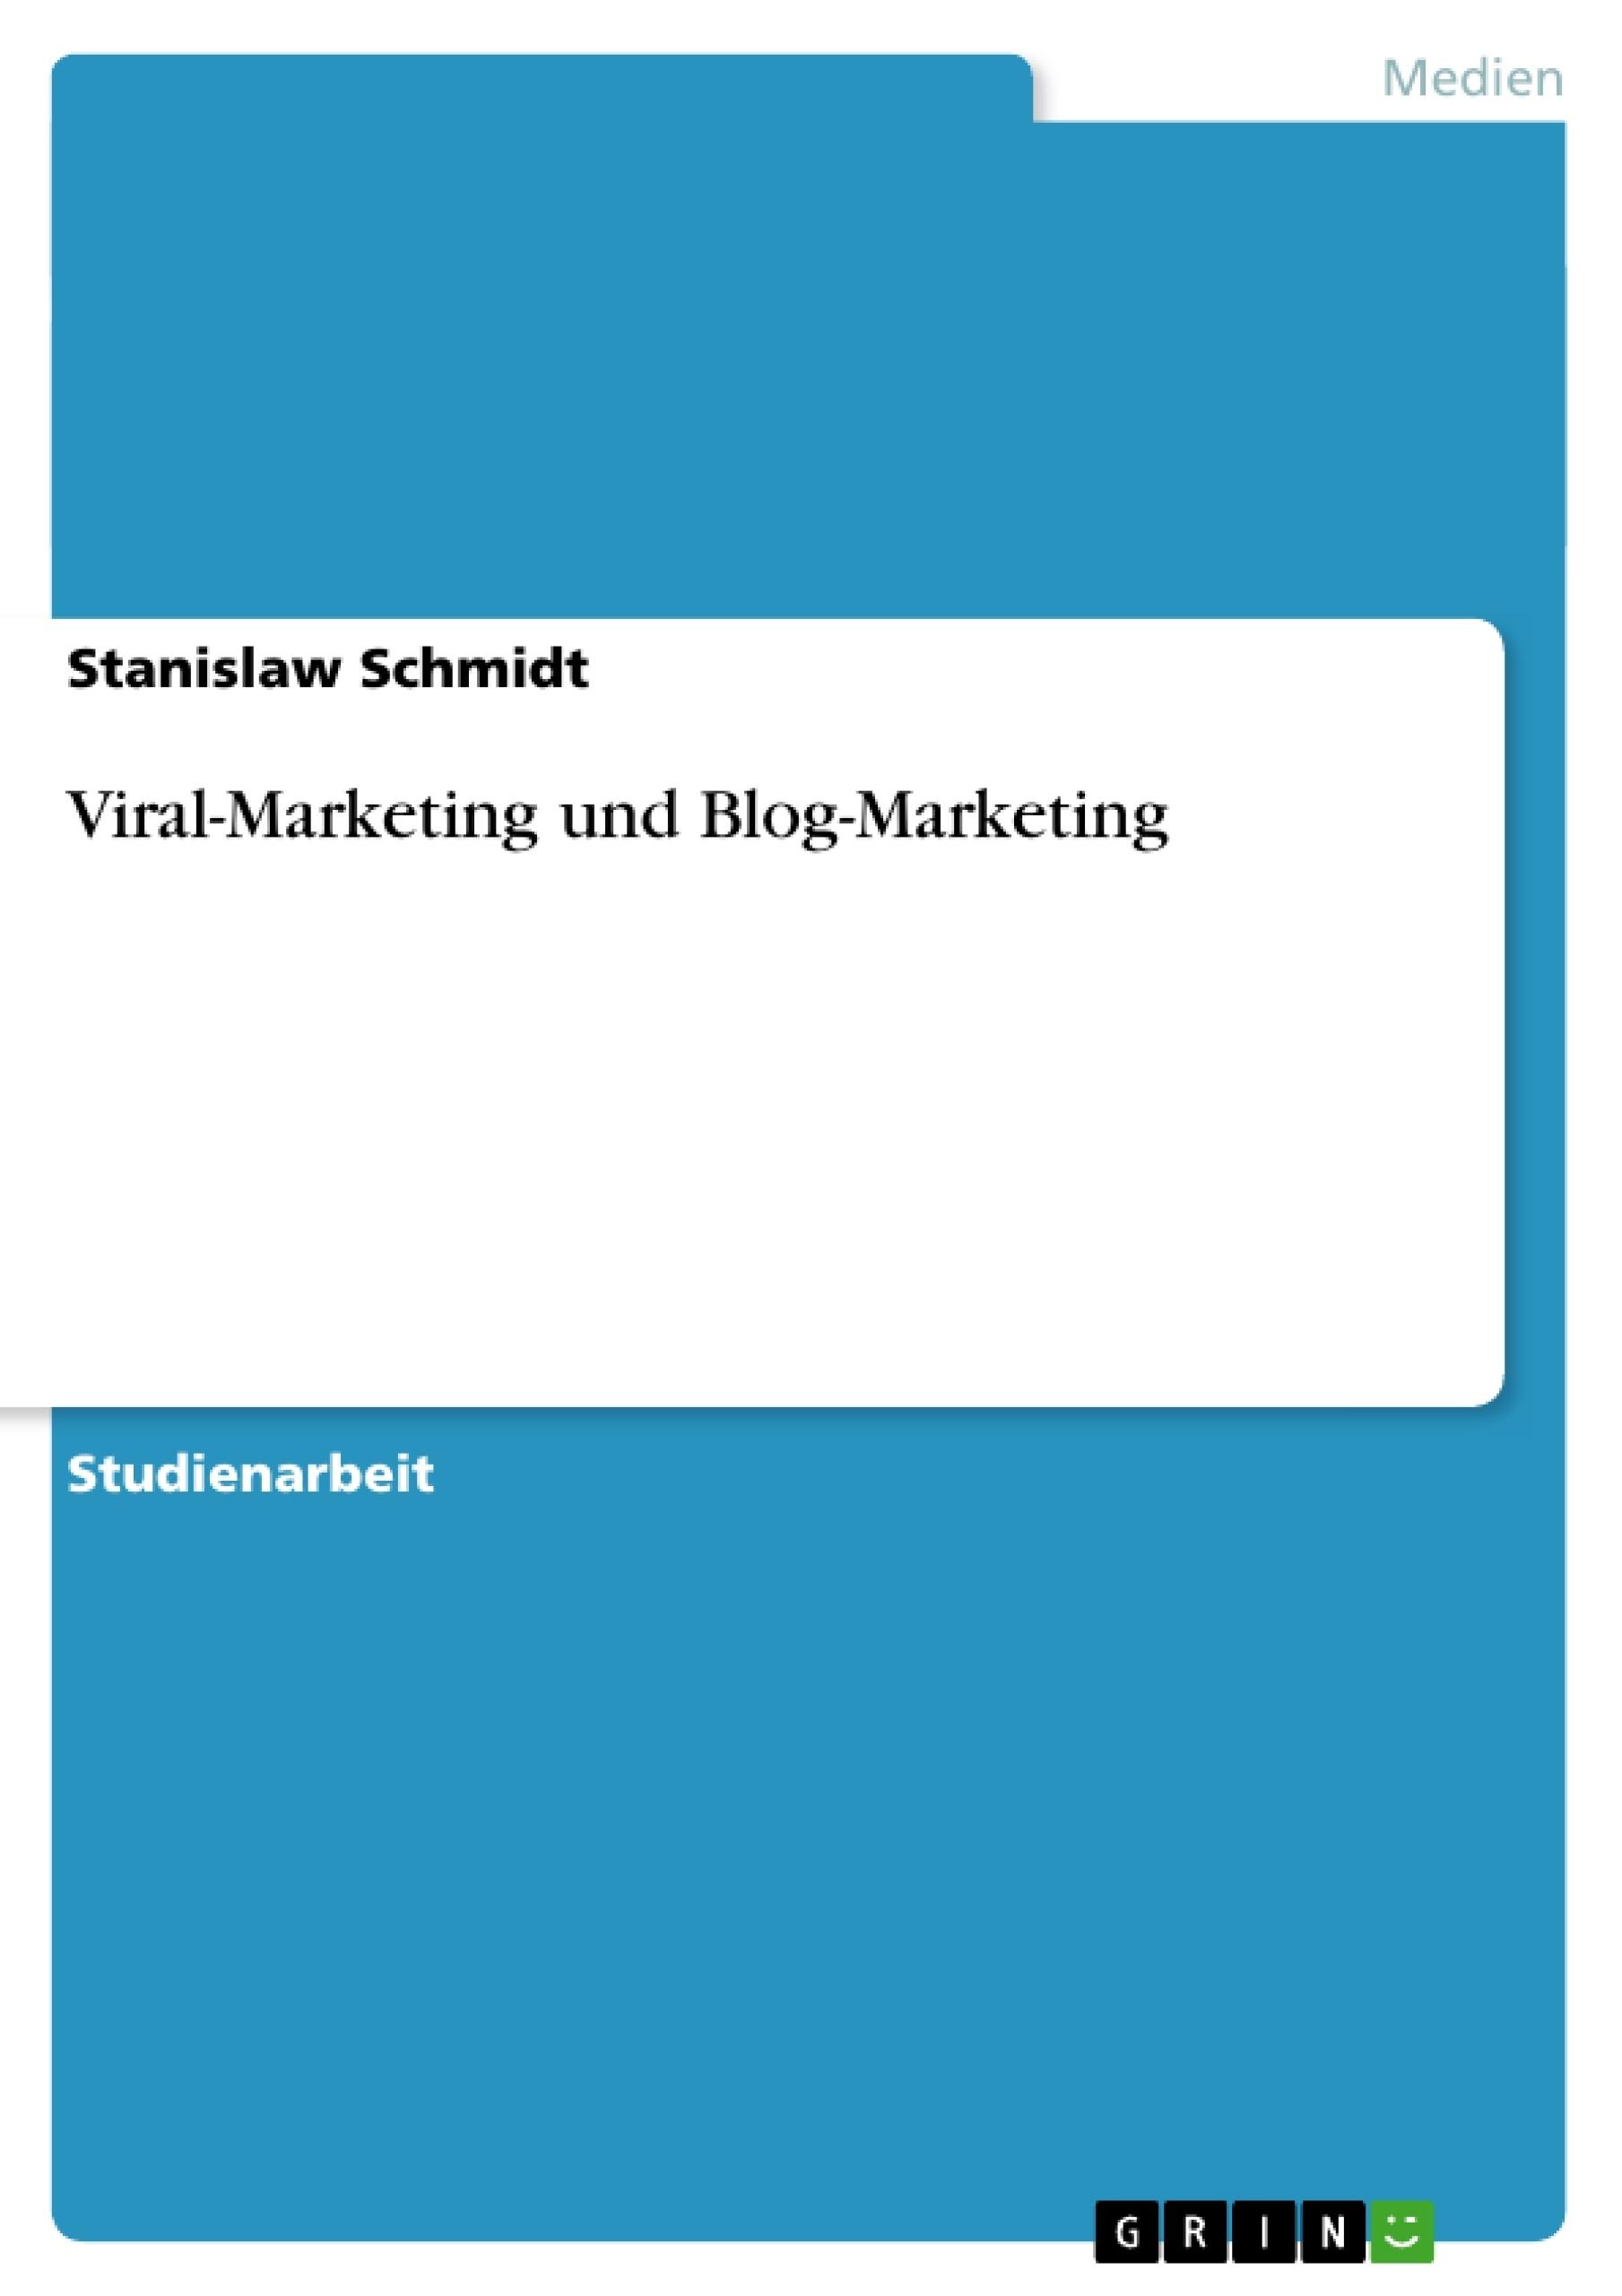 Titel: Viral-Marketing und Blog-Marketing